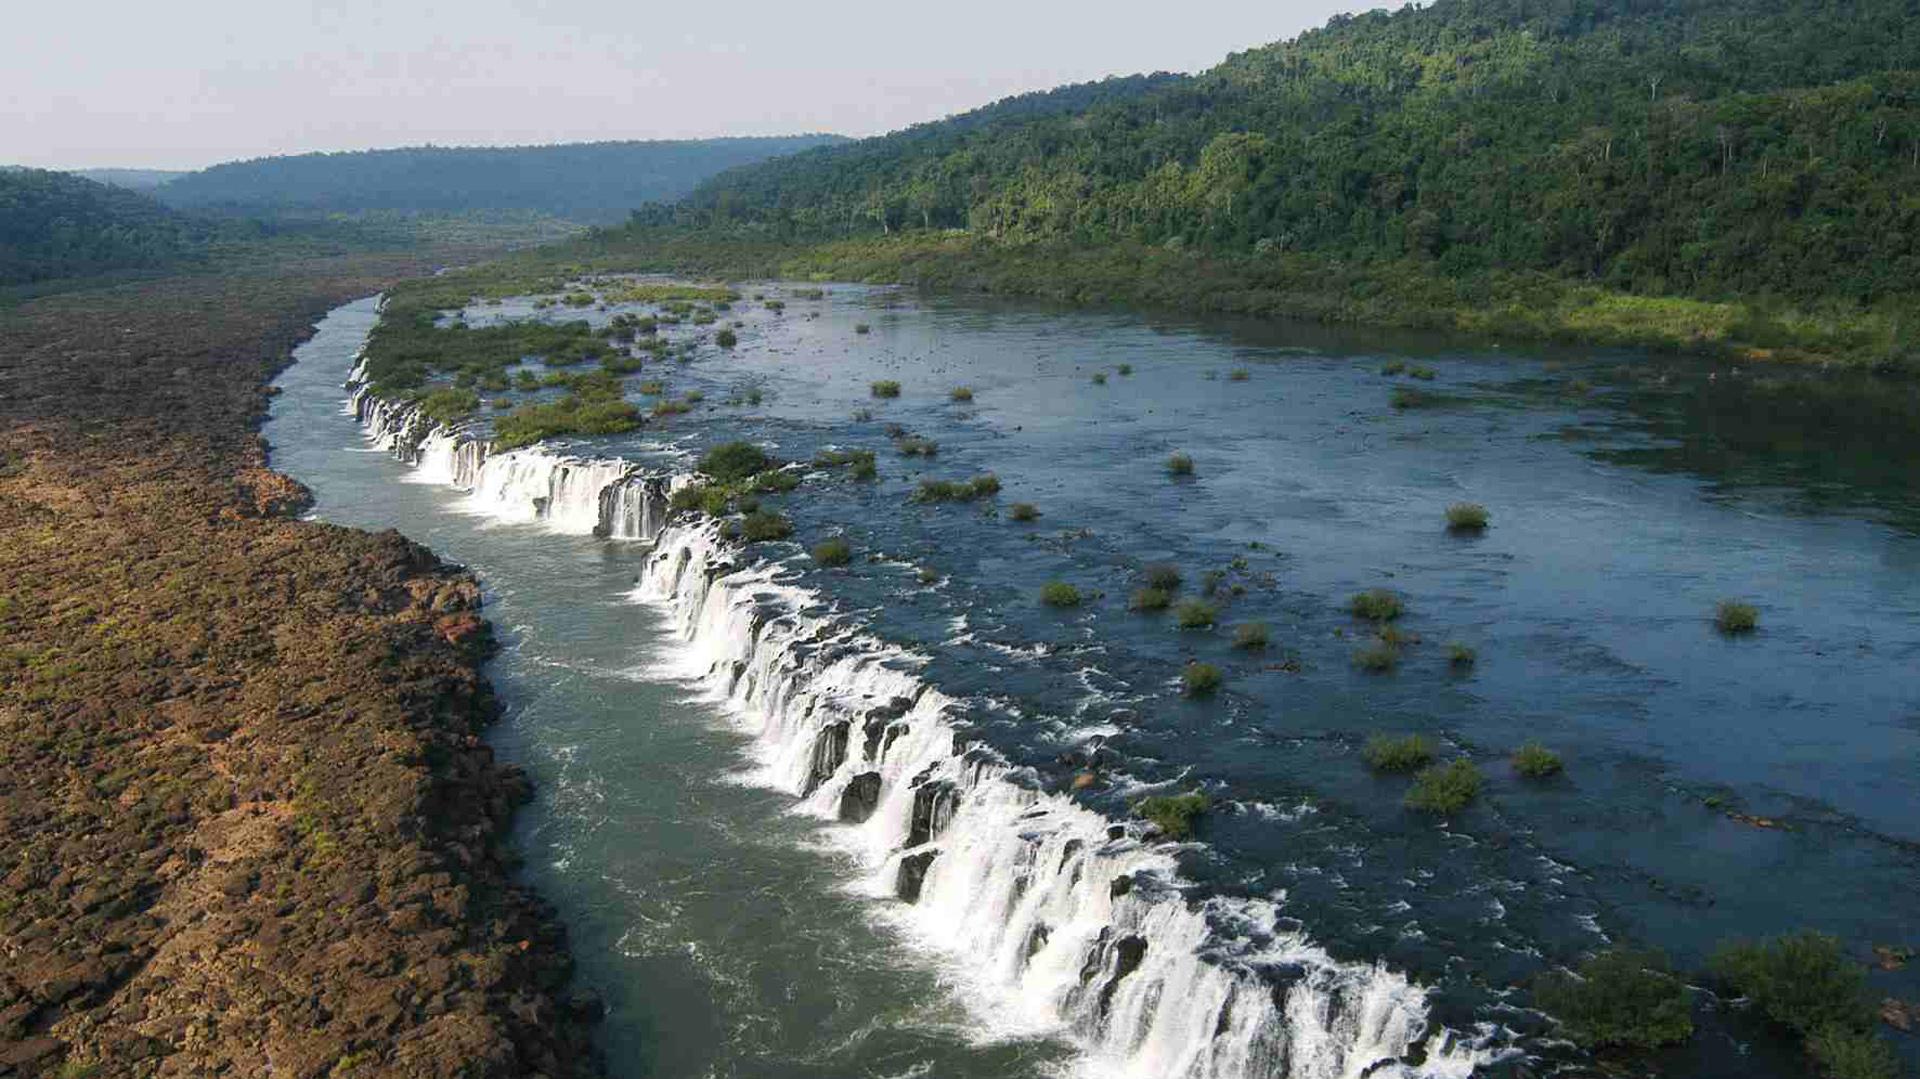 Dentro de la reserva existen varias áreas naturales protegidas, entre ellas el parque provincial Esmeralda que configura su área núcleo, el parque provincial Moconá, la reserva forestal Guaraní, el parque provincial Caá Yarí y la reserva natural cultural Papel Misionero